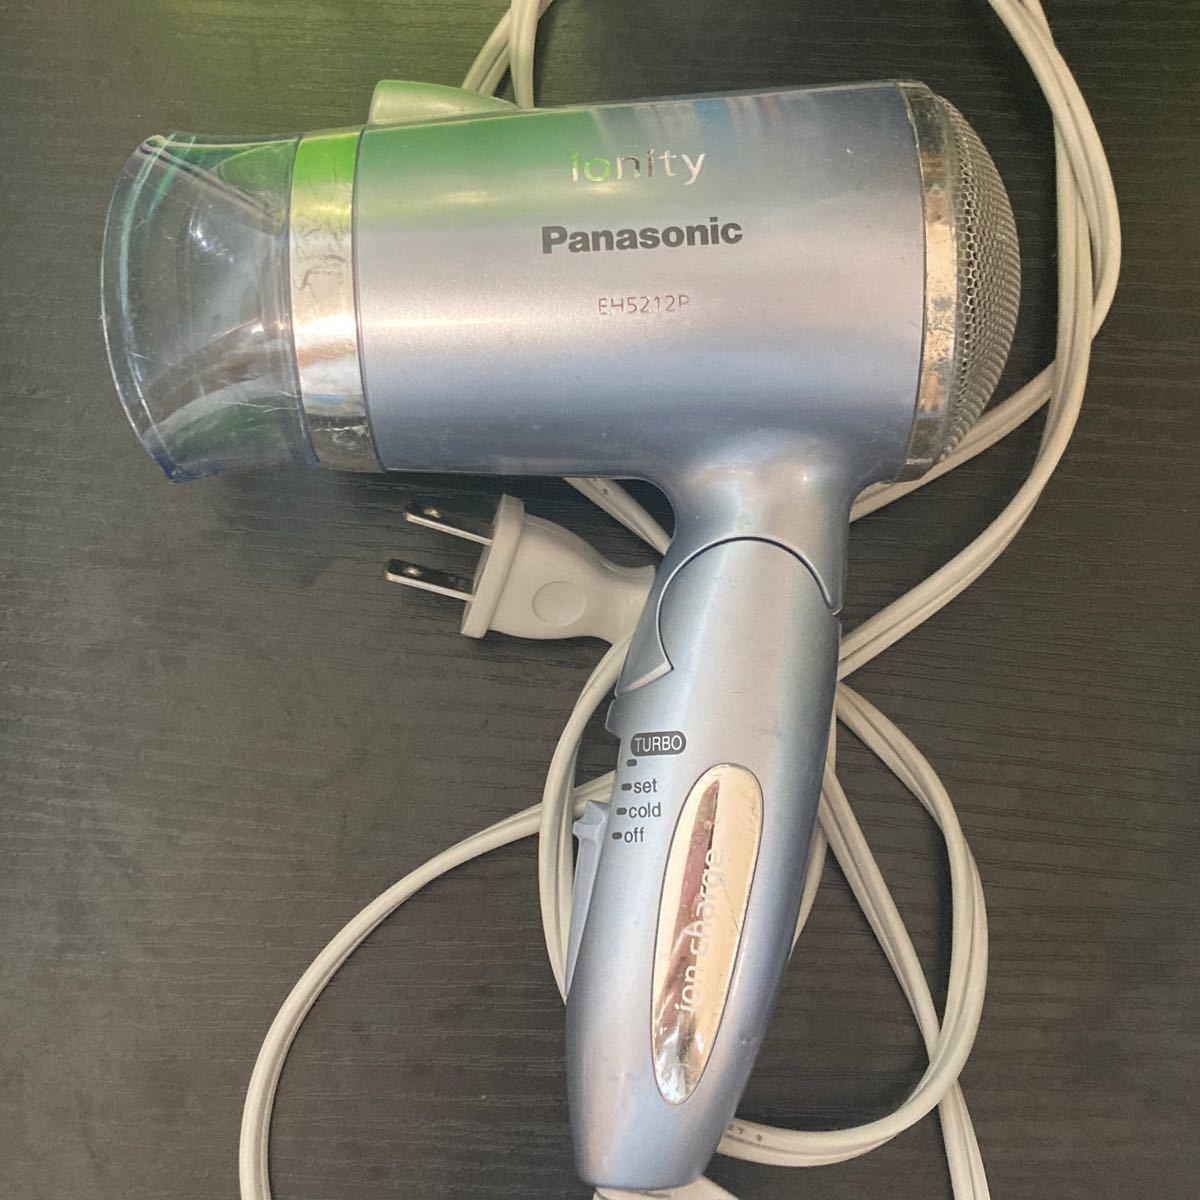 パナソニック ヘアドライヤー Panasonic イオニティ EH-NE28 マイナスイオン ゴールド ターボ ドラ イミニ